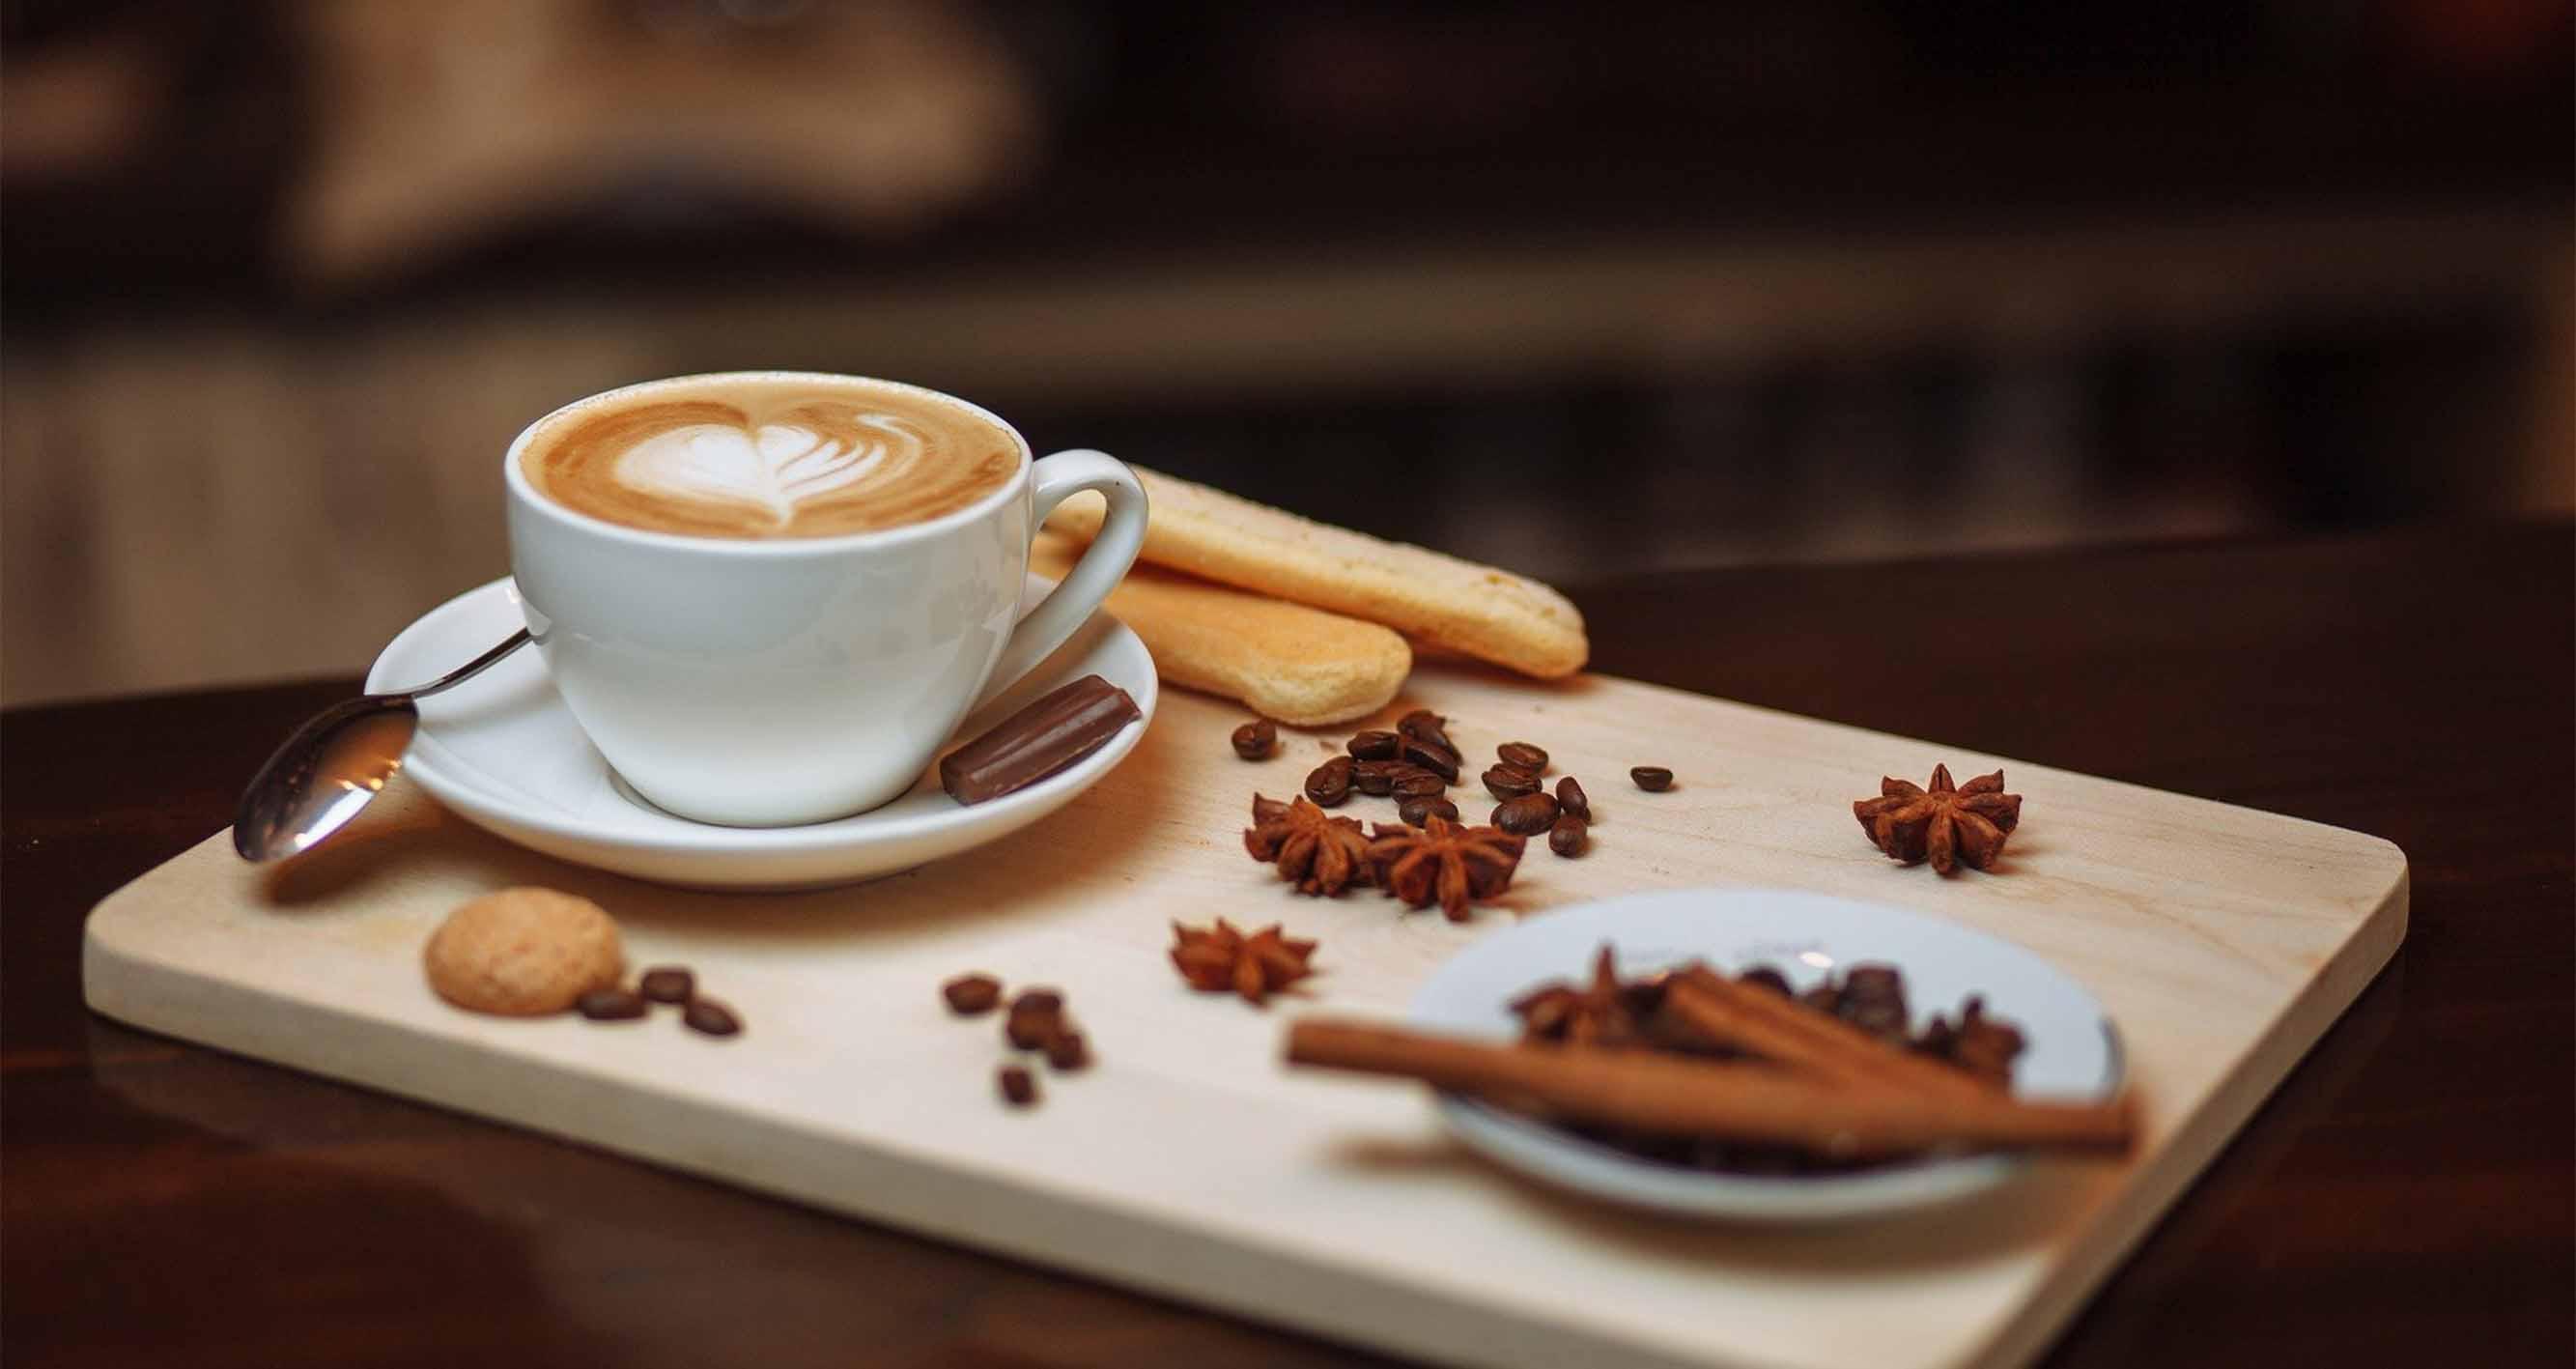 Peru - Jak chutná káva z říše Inků